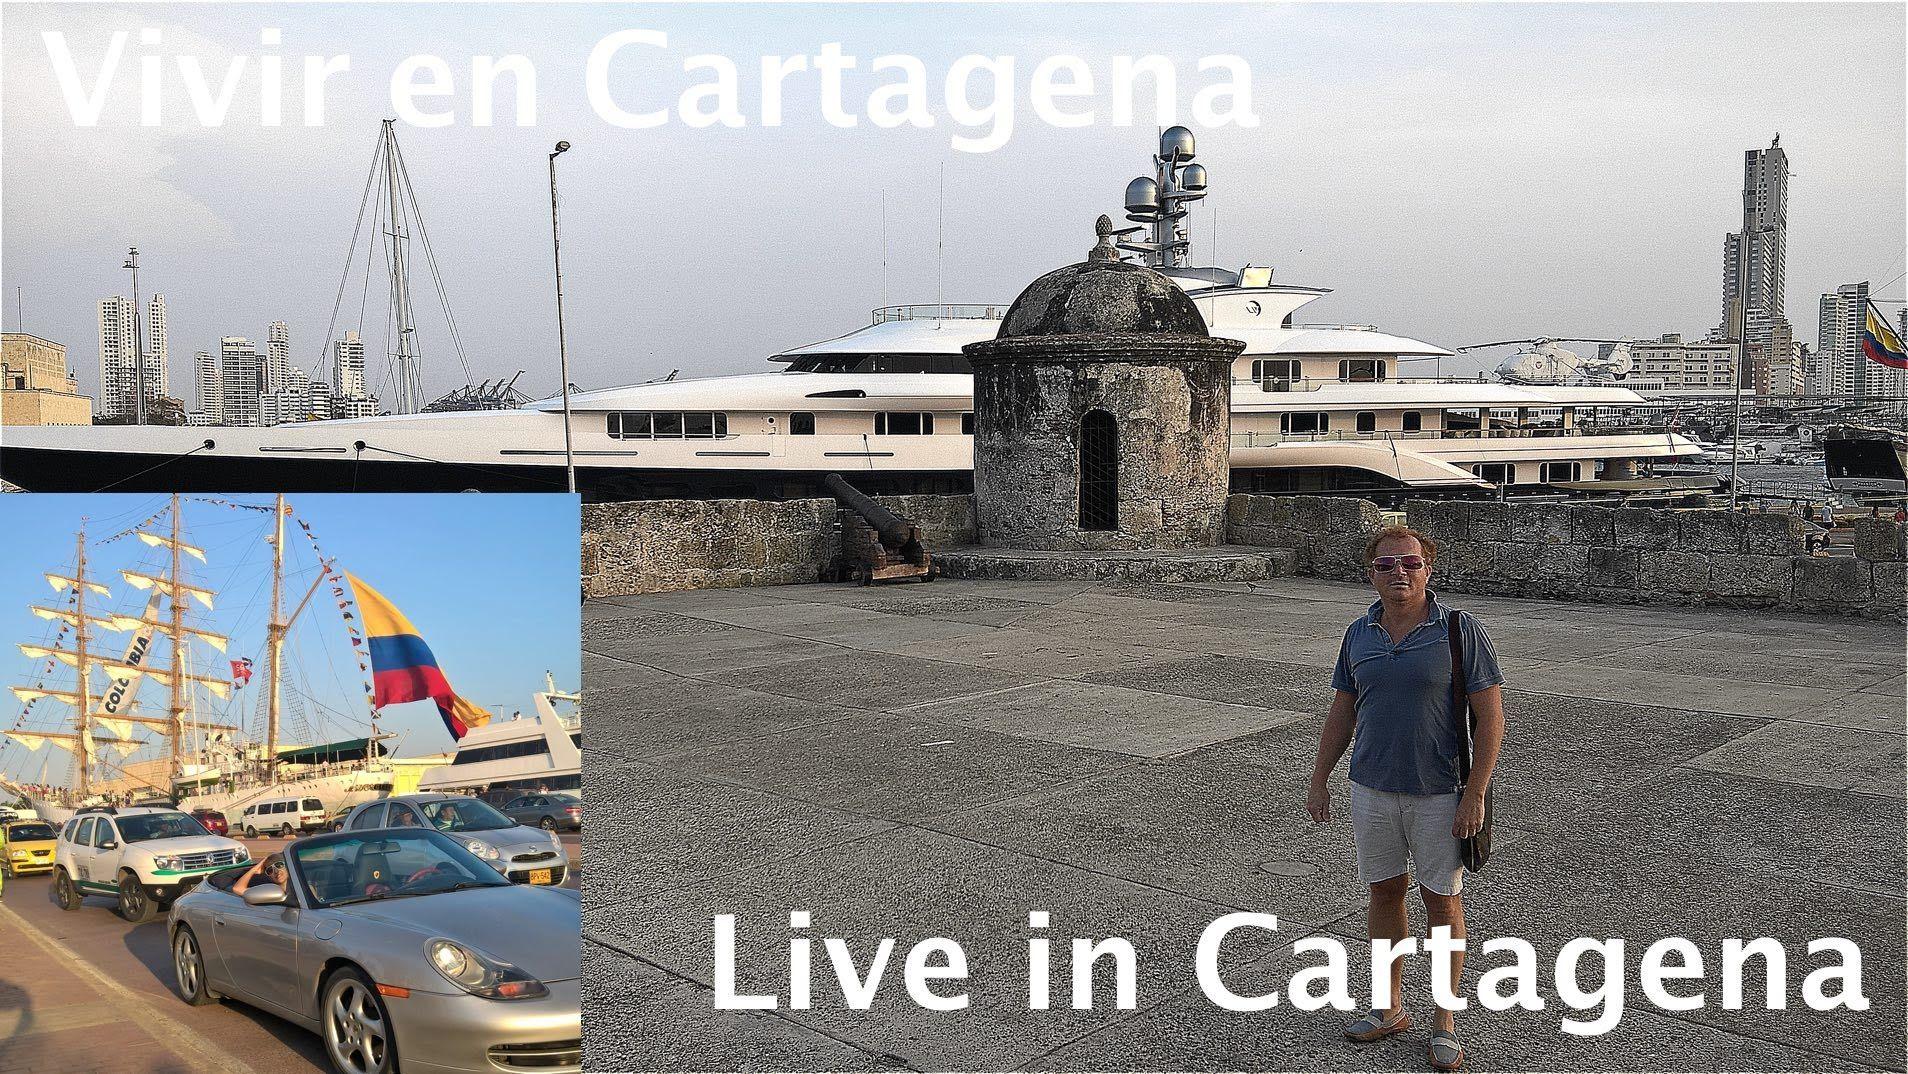 CARTAGENA - DE INDIAS 2015  2016 - Luxury - holidays -  Caribbean - Vaca...